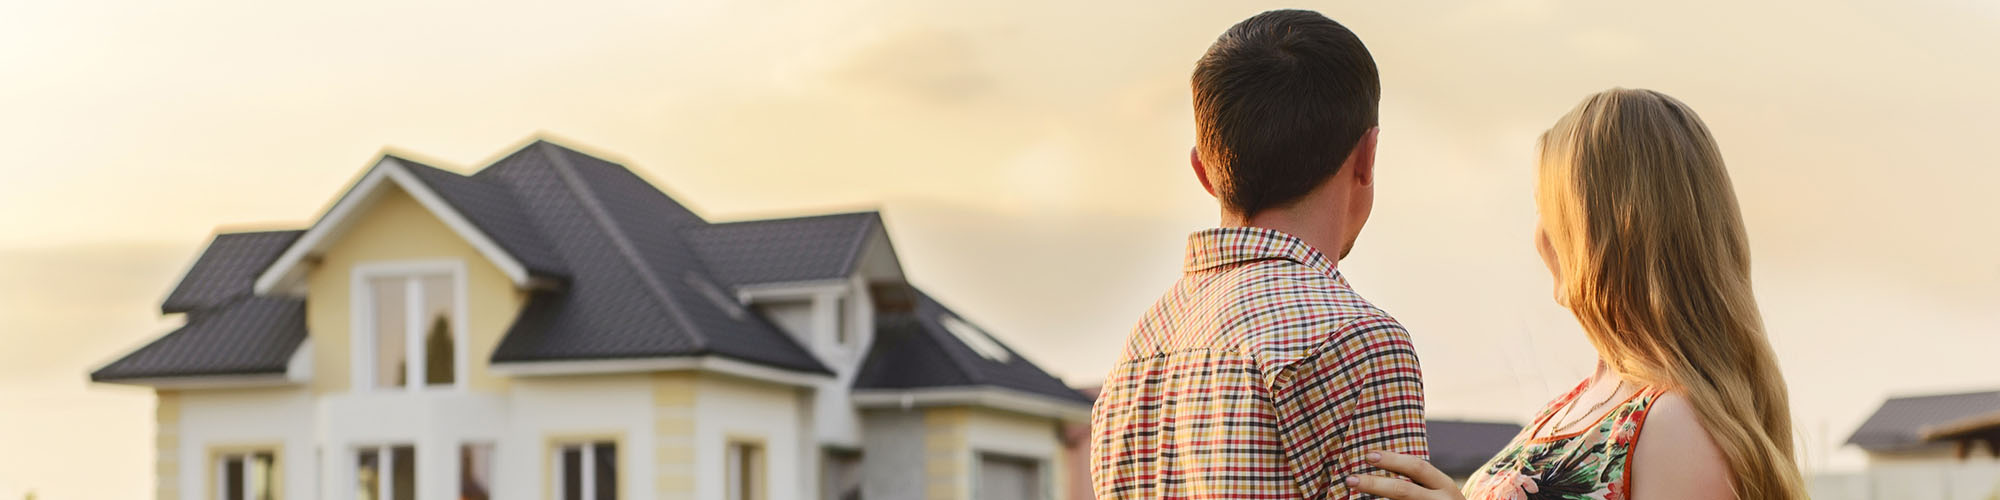 Junges Pärchen besichtet eine Immobilie